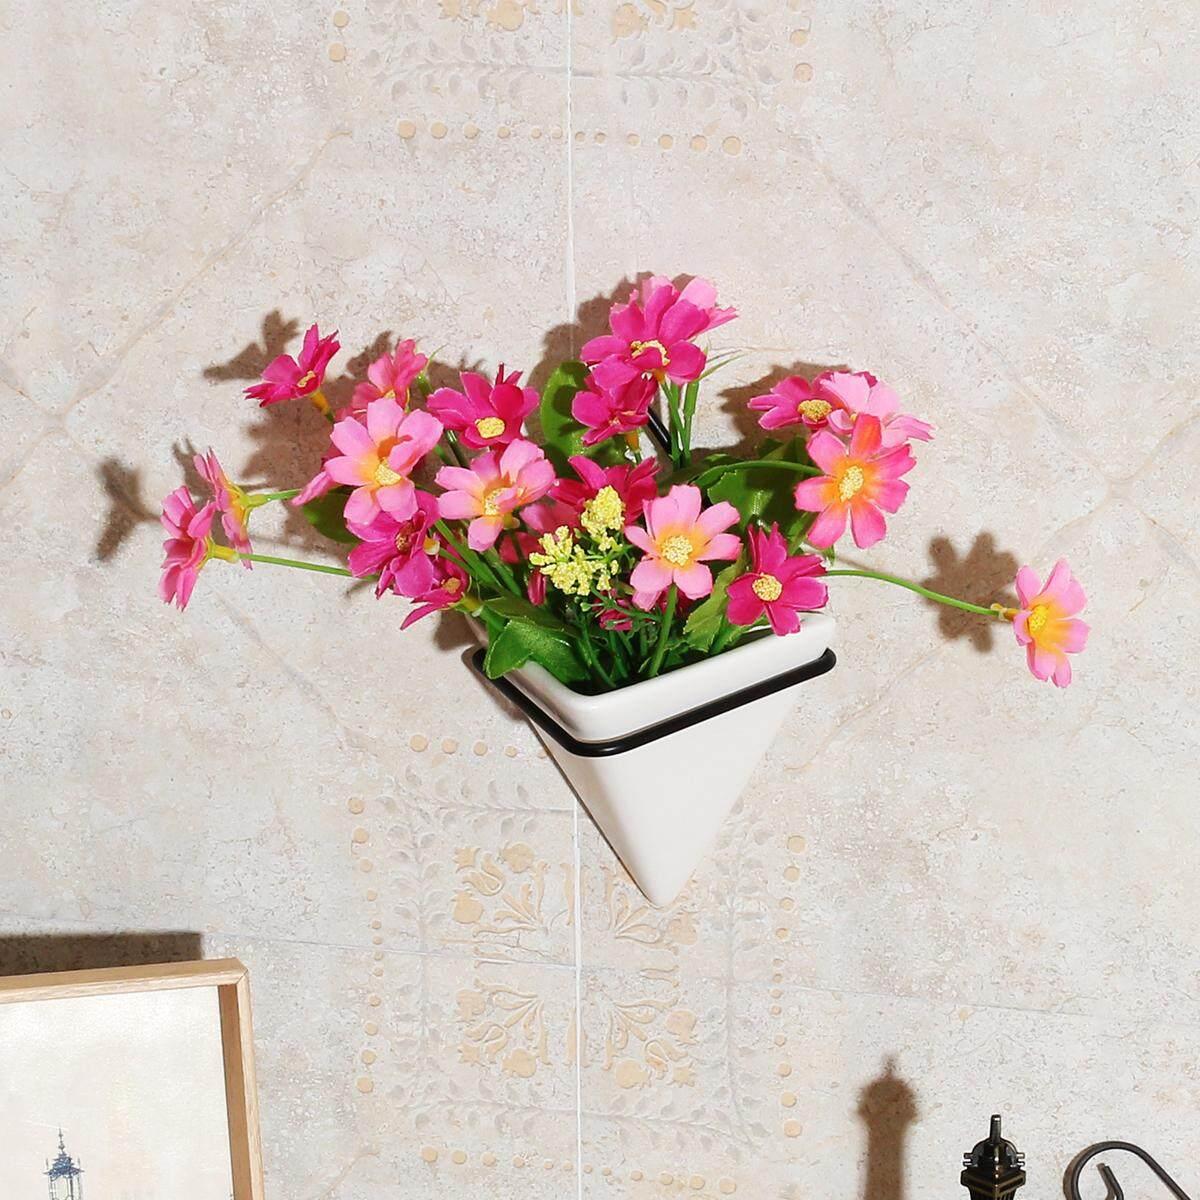 Tanaman Logam Berdiri Pot Bunga Penahan Rak Pemegang Bingkai Besi Vas Keramik-Intl